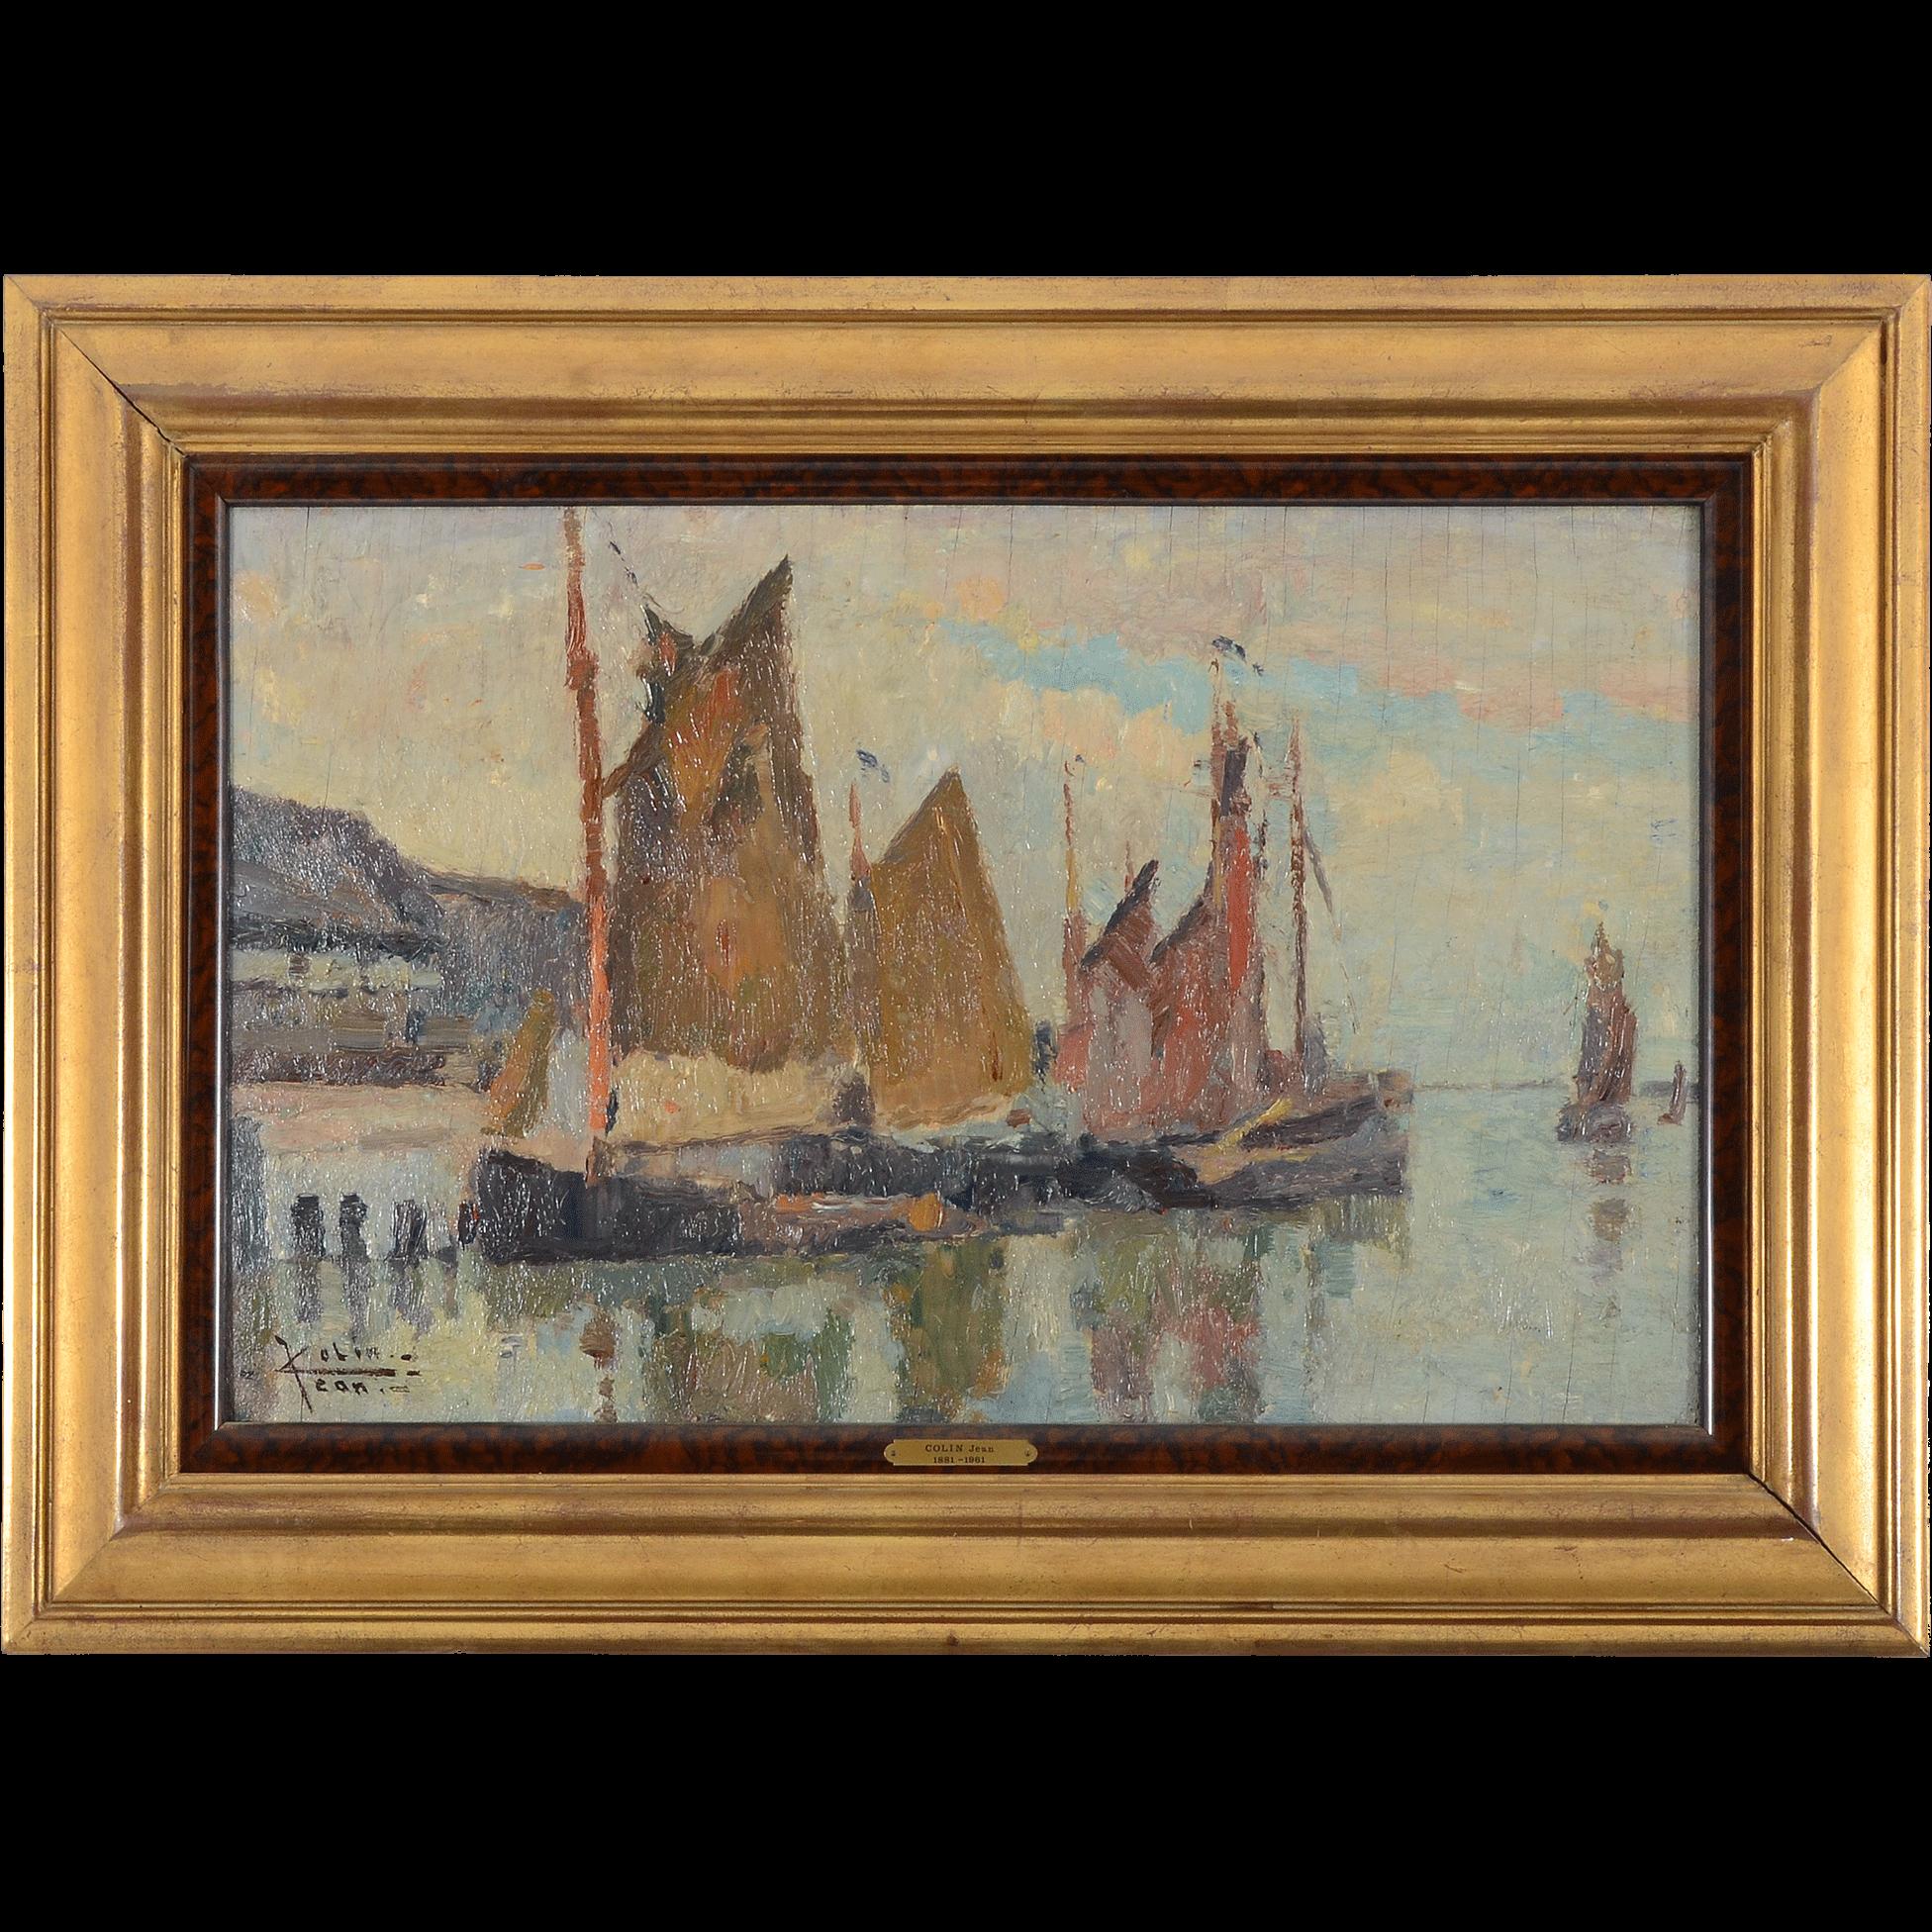 Oil on Board Impressionistic Harbor Scene by Jean Colin